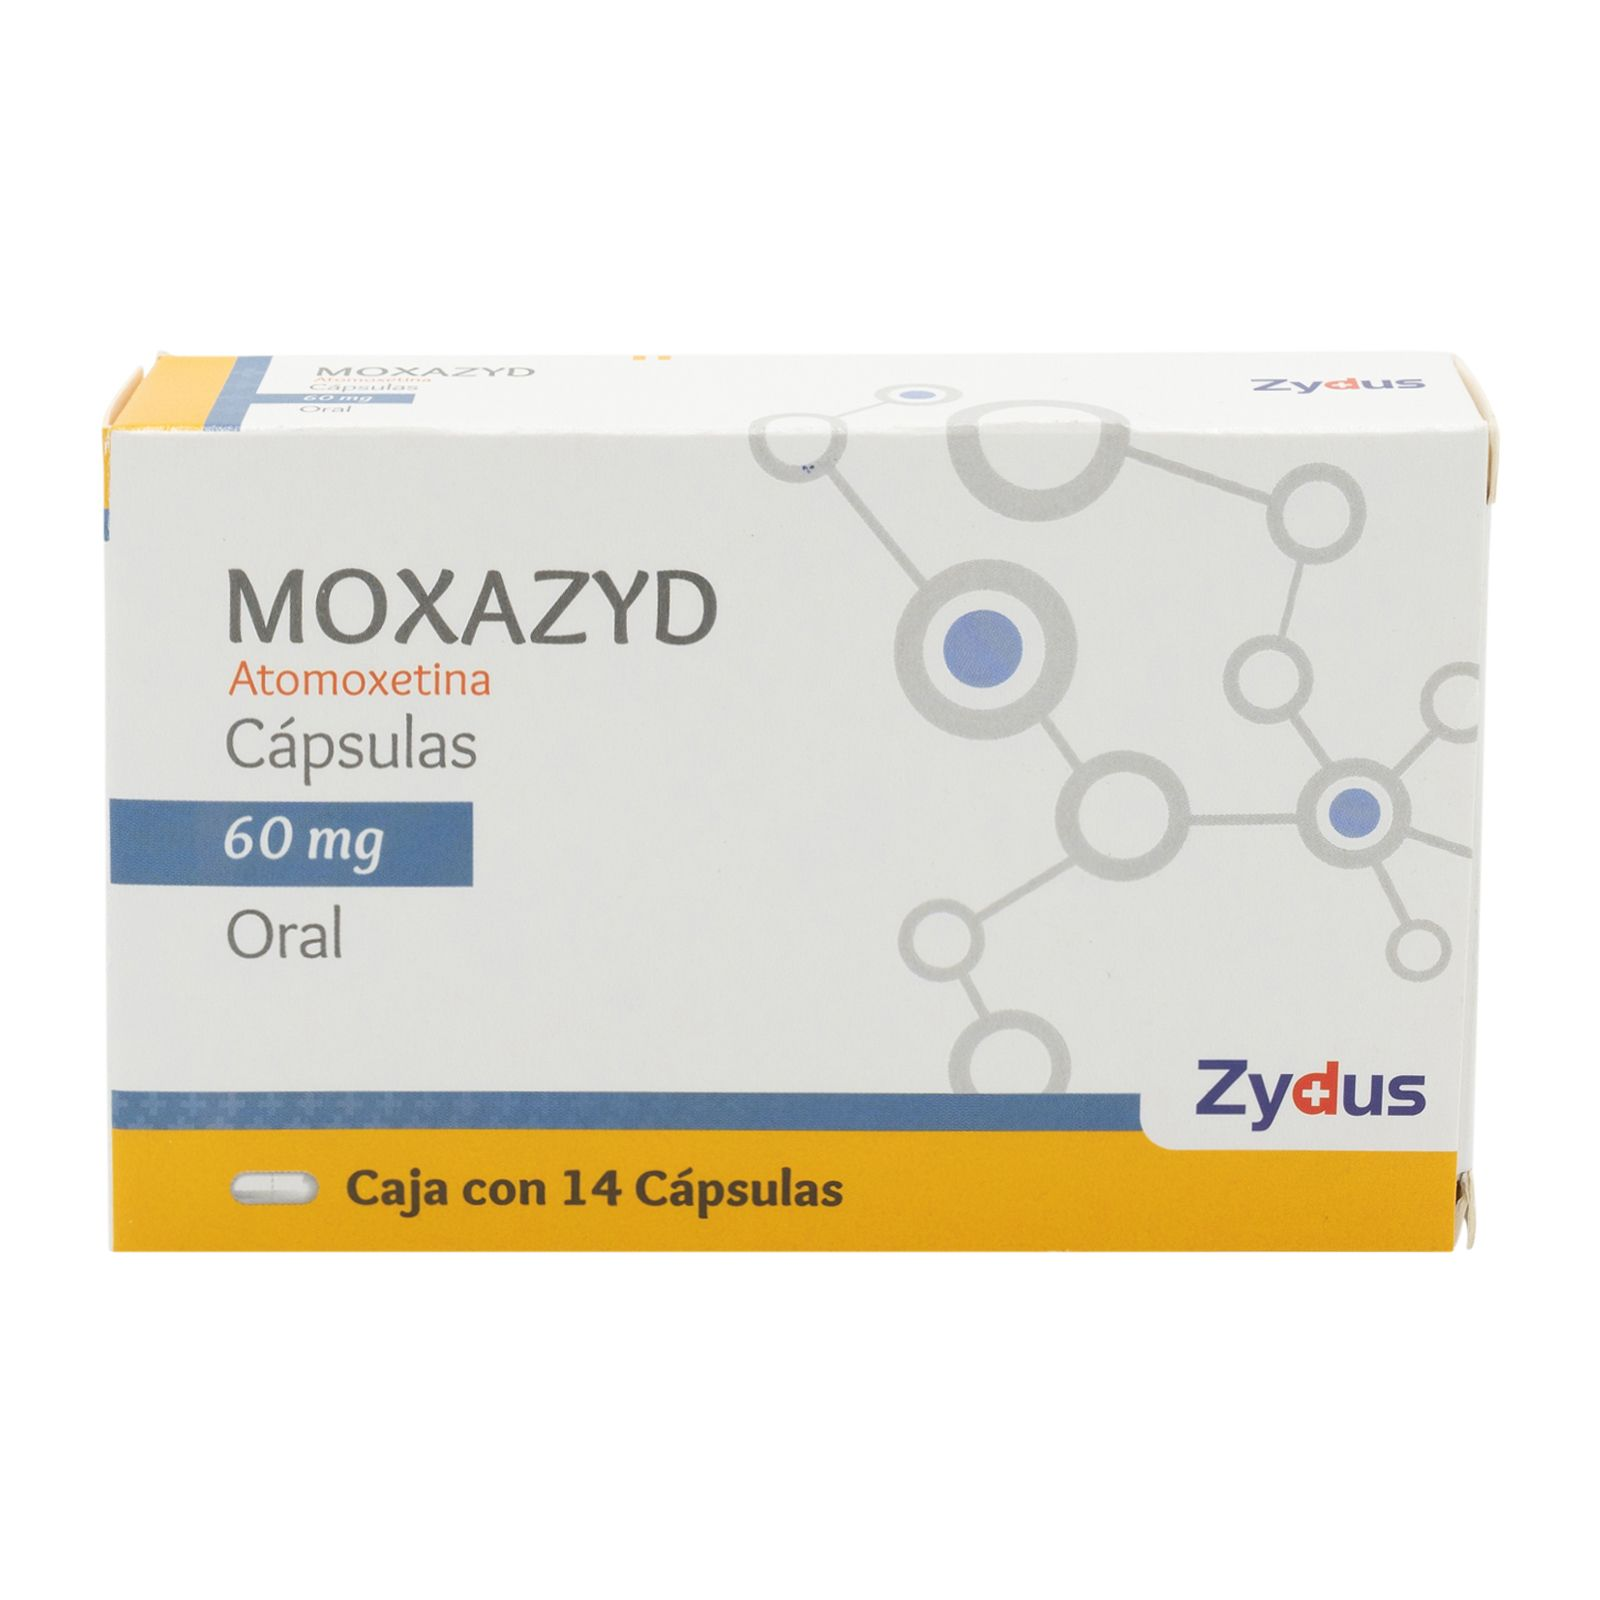 Comprar Moxazyd 60 Mg 1 Caja 14 Capsulas